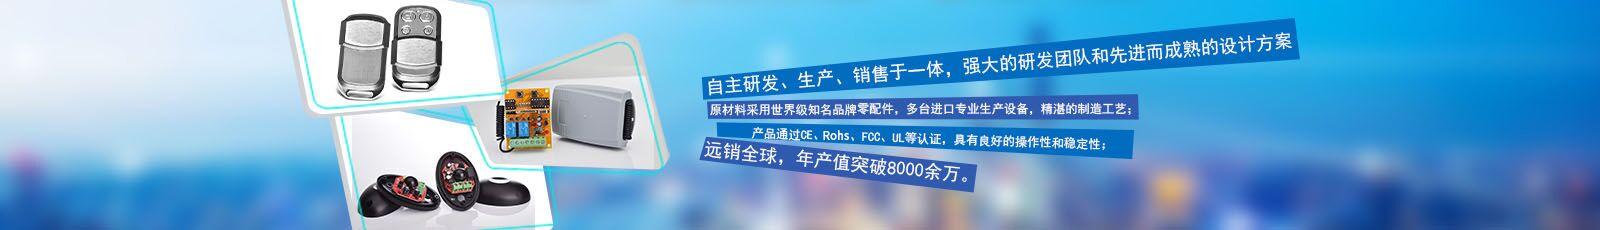 365游xi厅无线遥控qiyue产liang达500000件